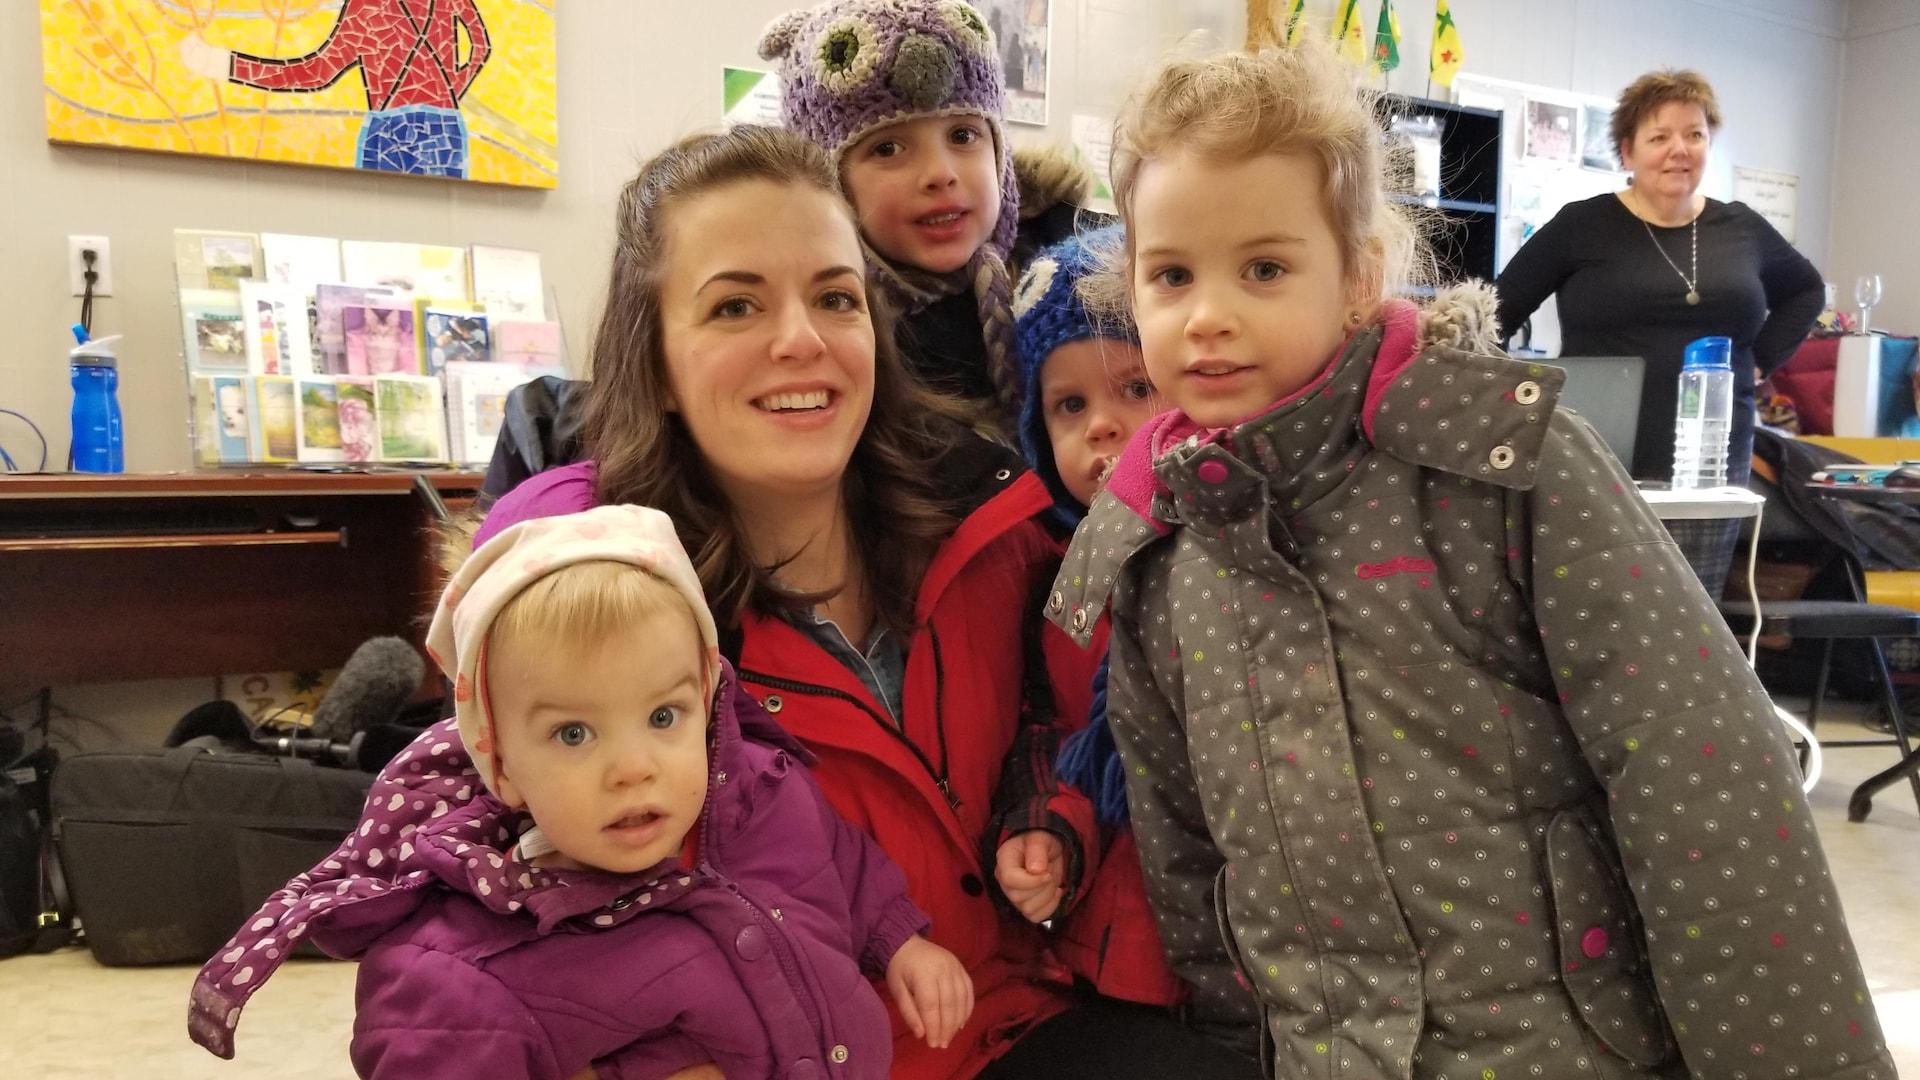 Une famille avec la maman au centre ainsi que quatre enfants autour d'elle.